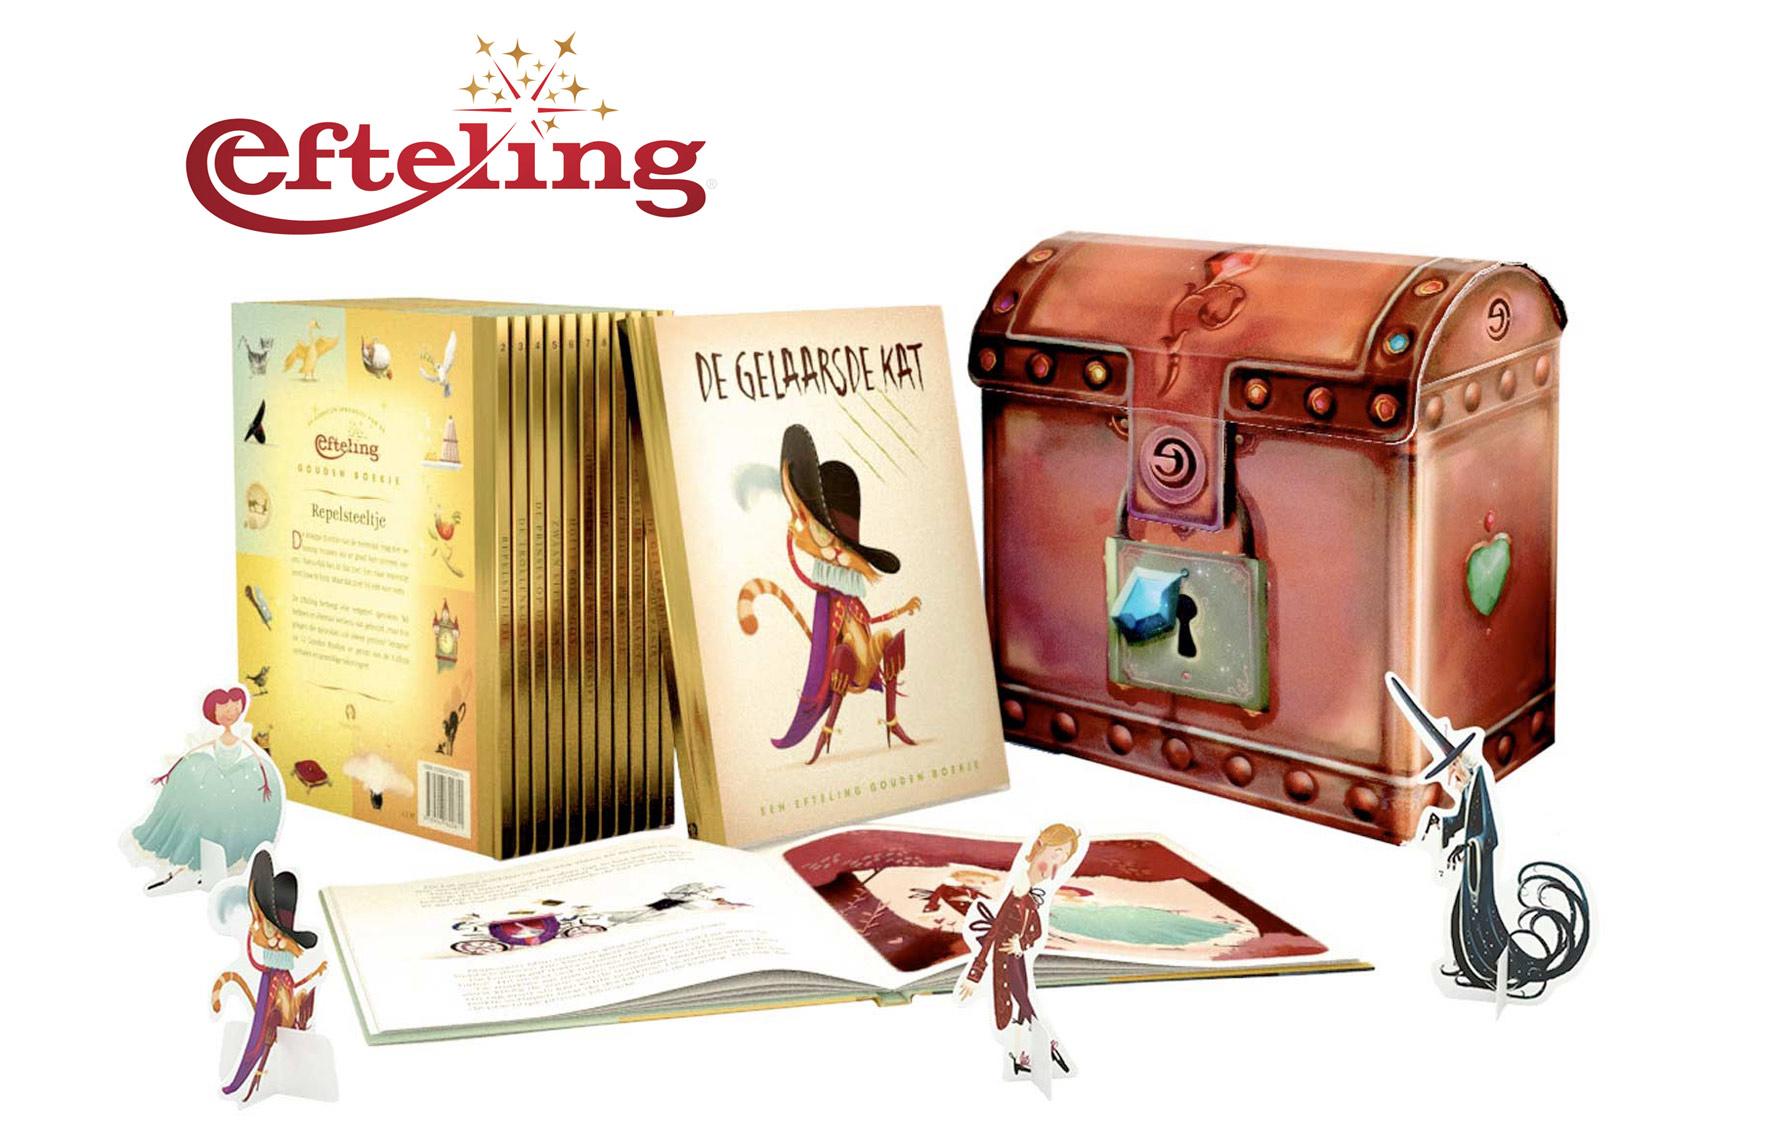 Efteling Gouden Boekjes met verzamelbox Studio Monnikenwerk ©